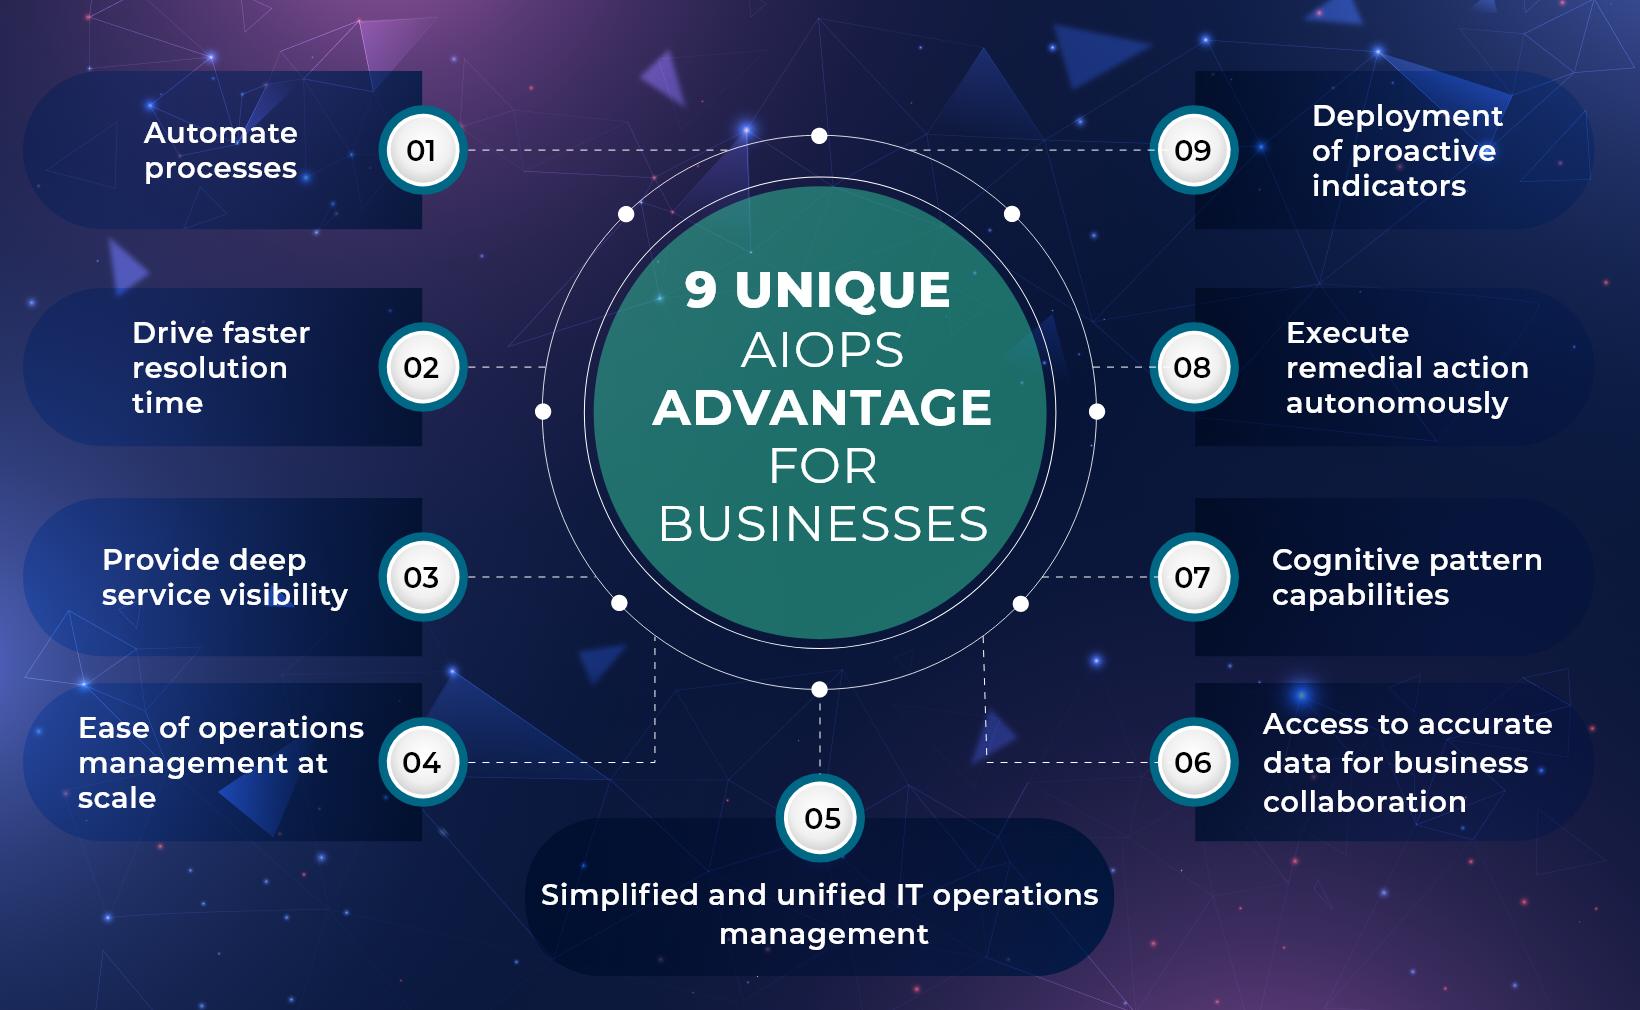 9 Unique AIOps Advantage for Businesses